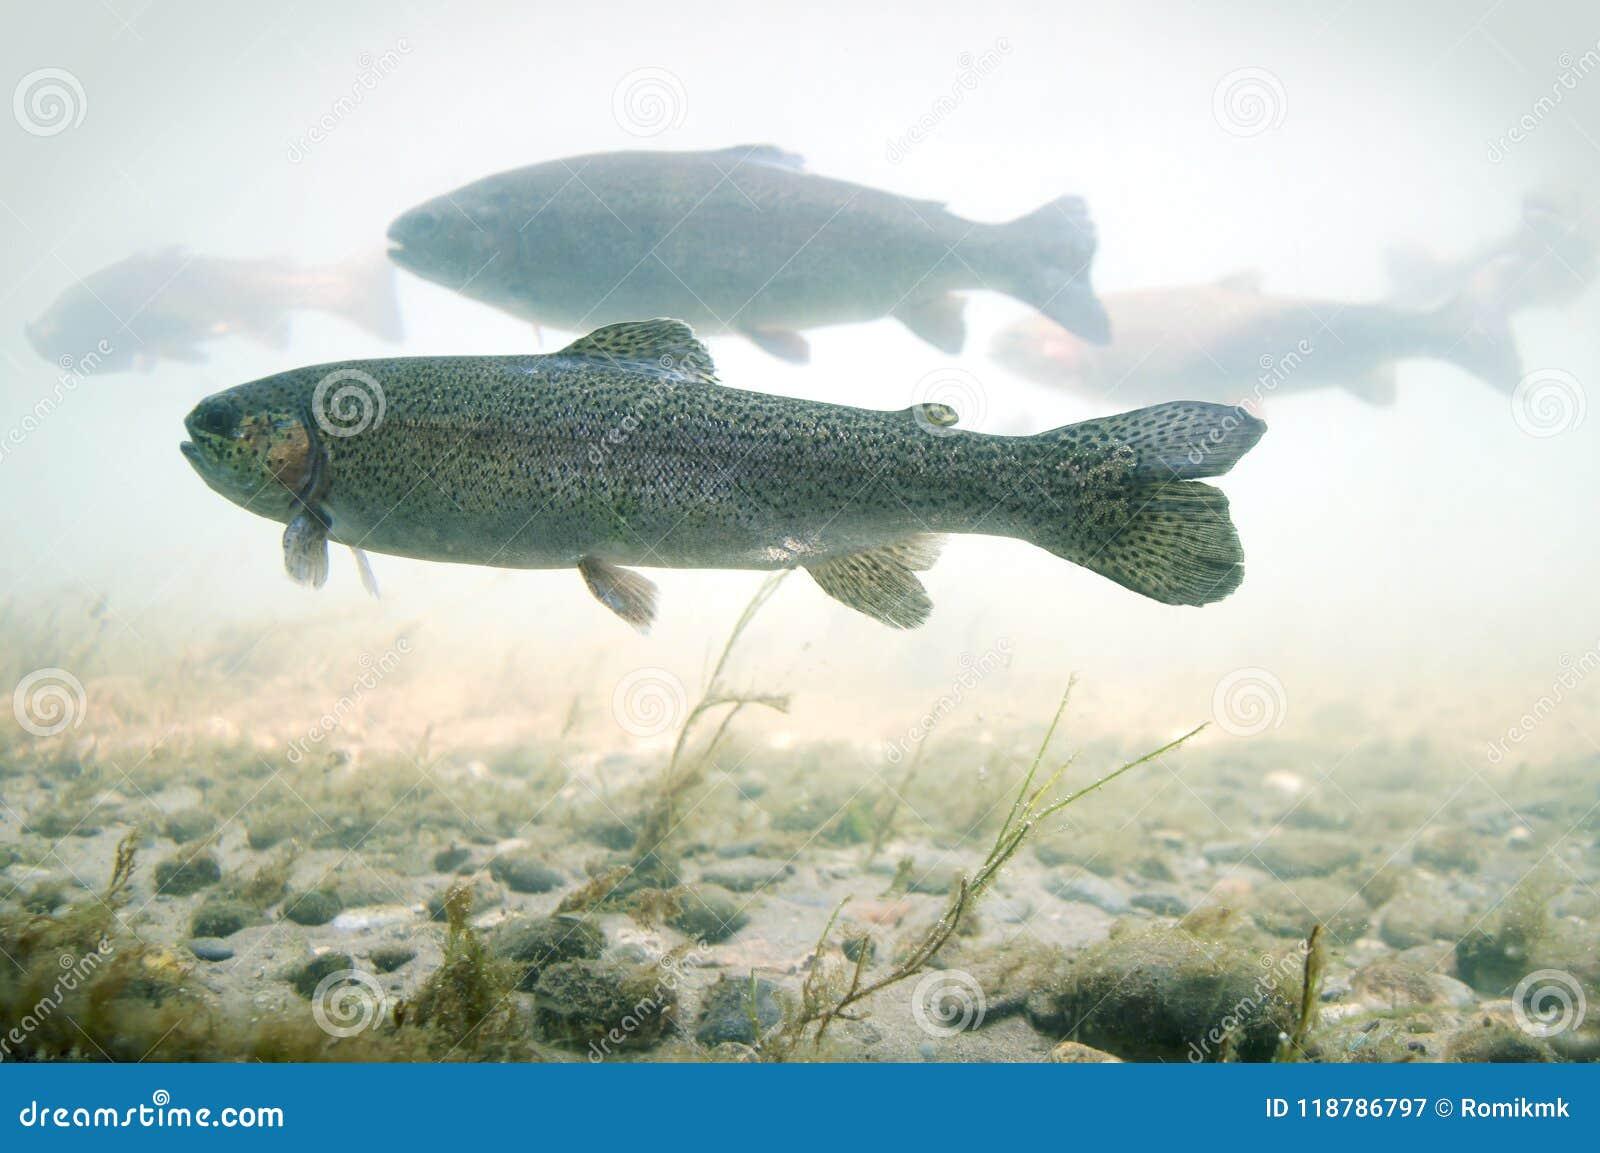 Forelvlotters in een rivier met een rotsachtige bodem